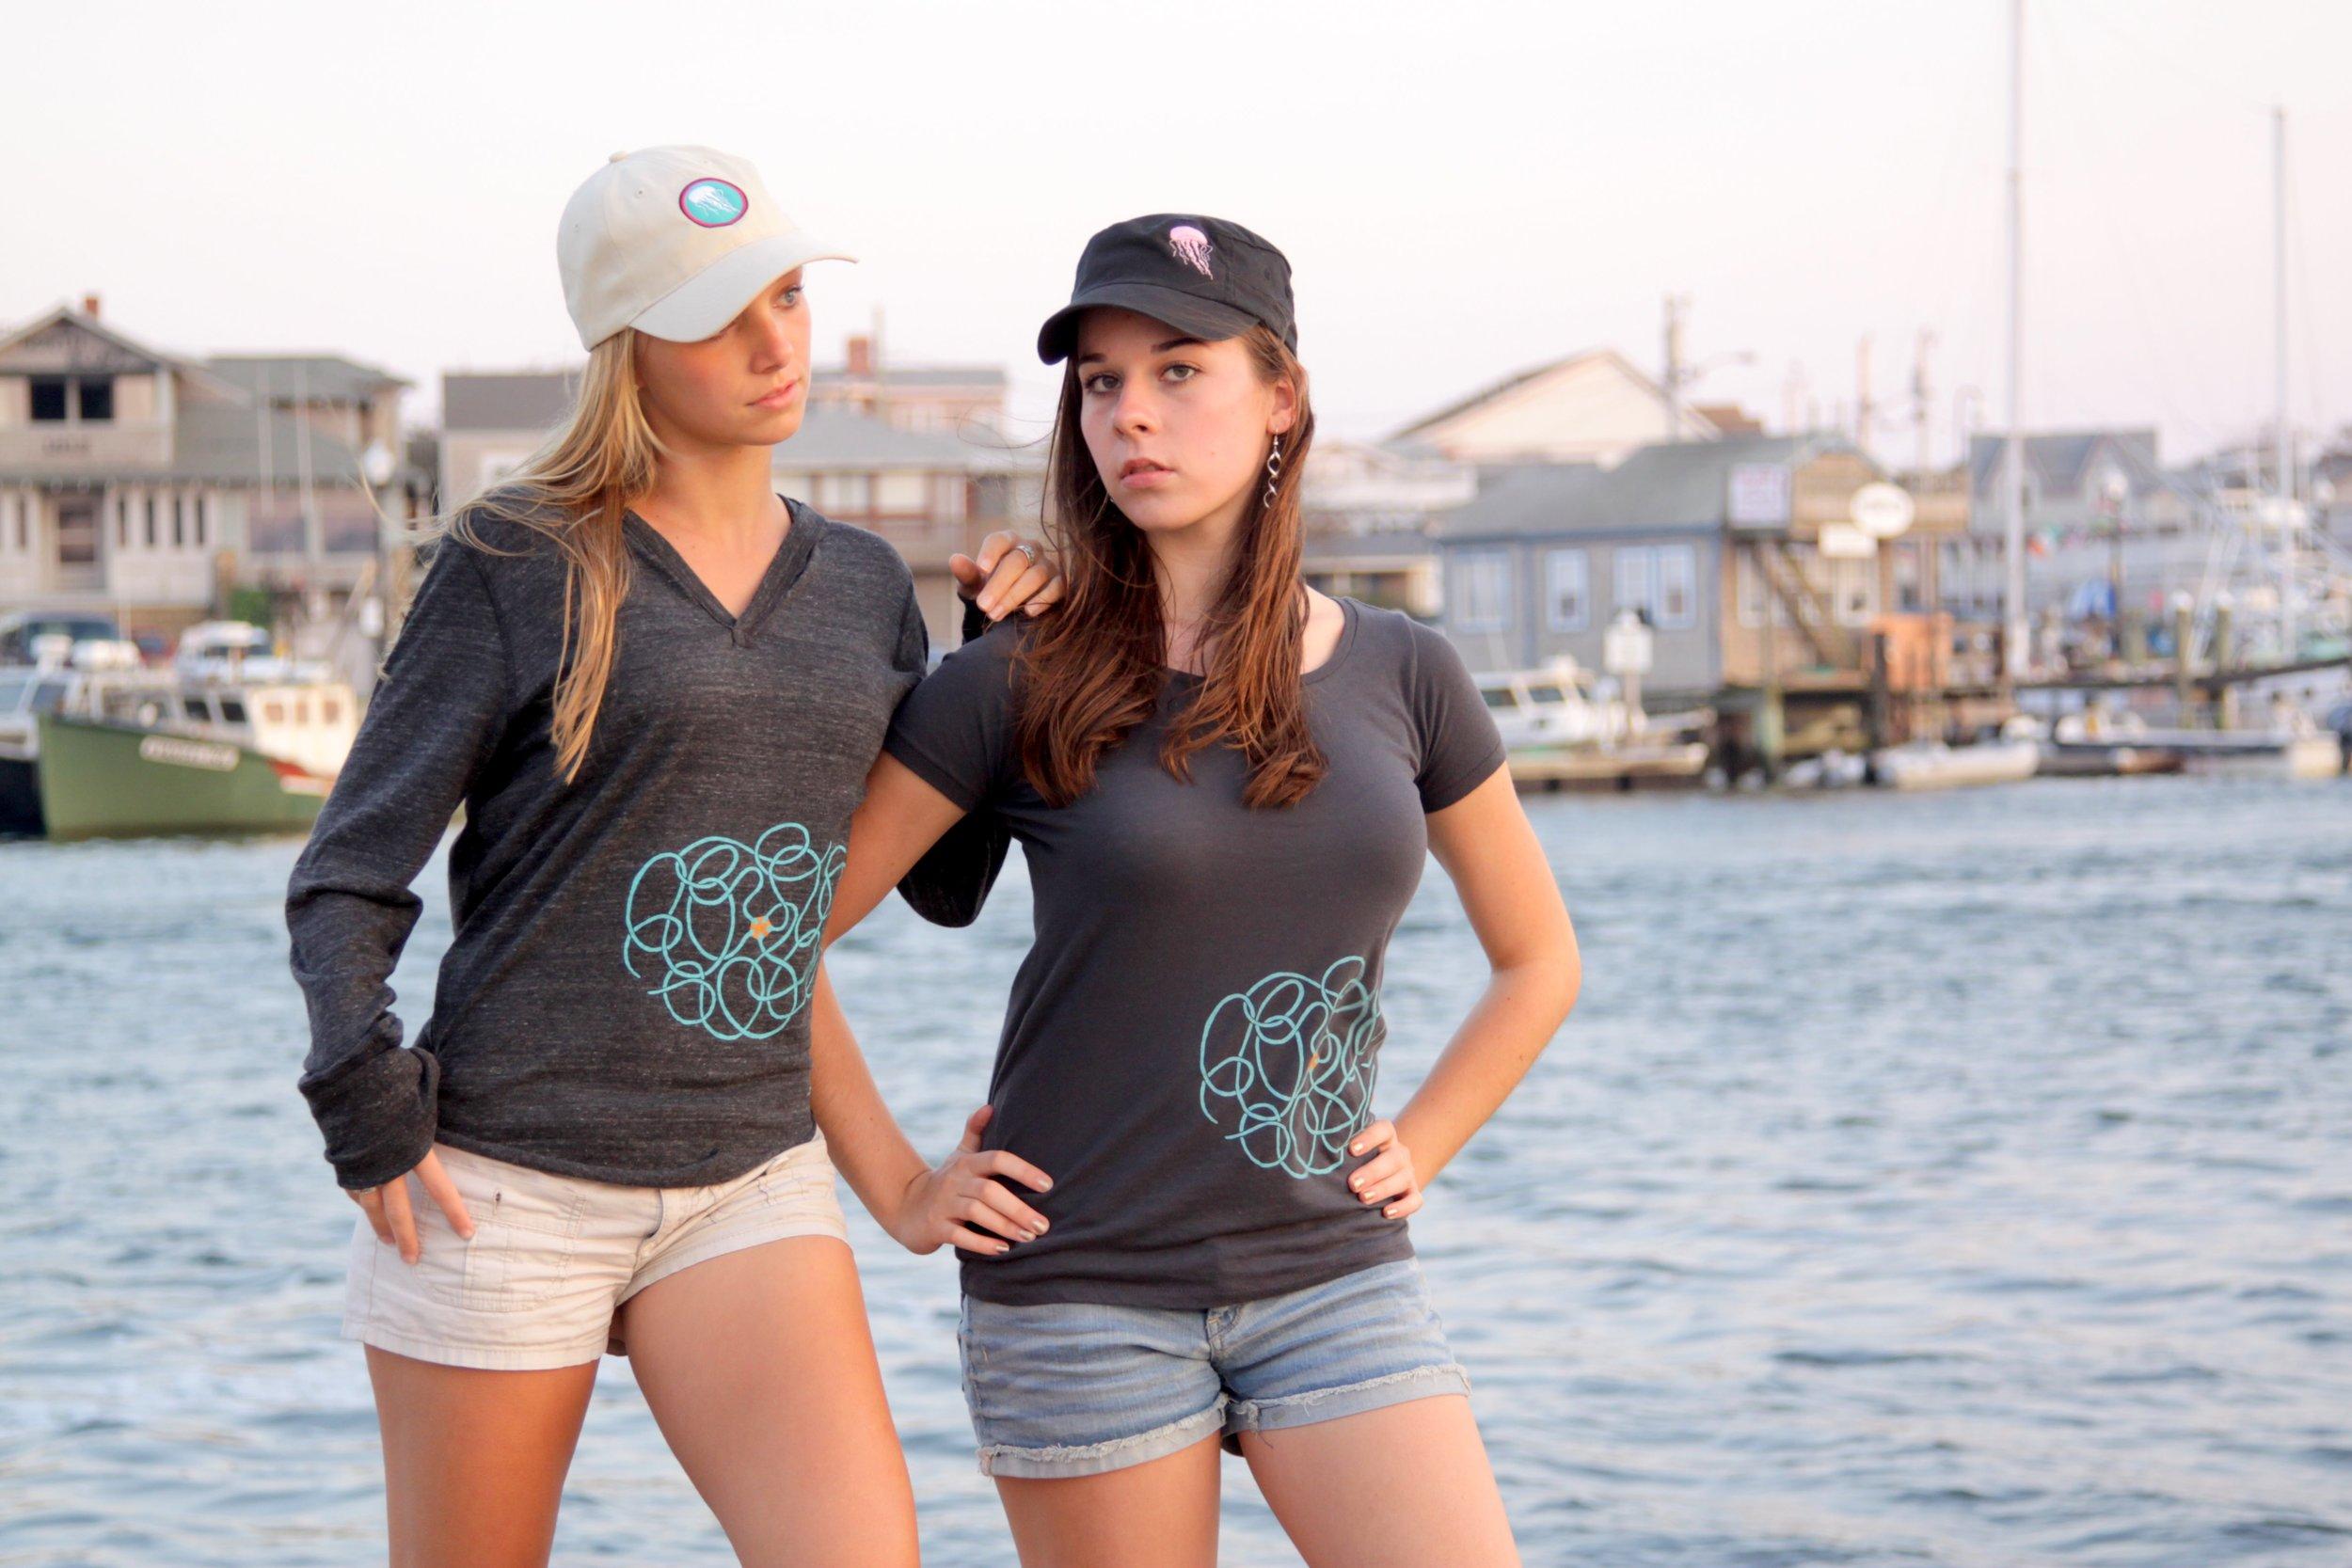 Our popular Serpent Star lightweight hoodie & organic cotton scoop neck t-shirt